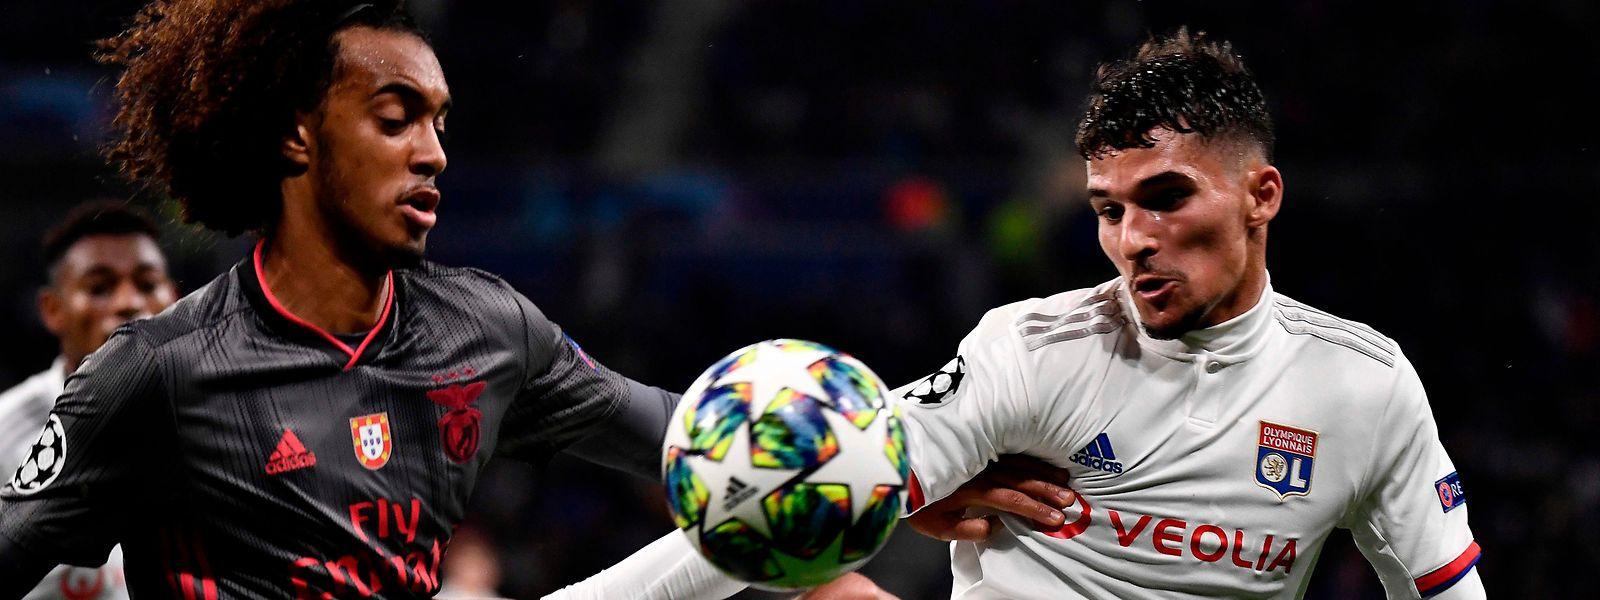 Le défenseur de Benfica Thomas Tavares (à g.) et le milieu de terrain de Lyon, Houssem Aouar sont au duel